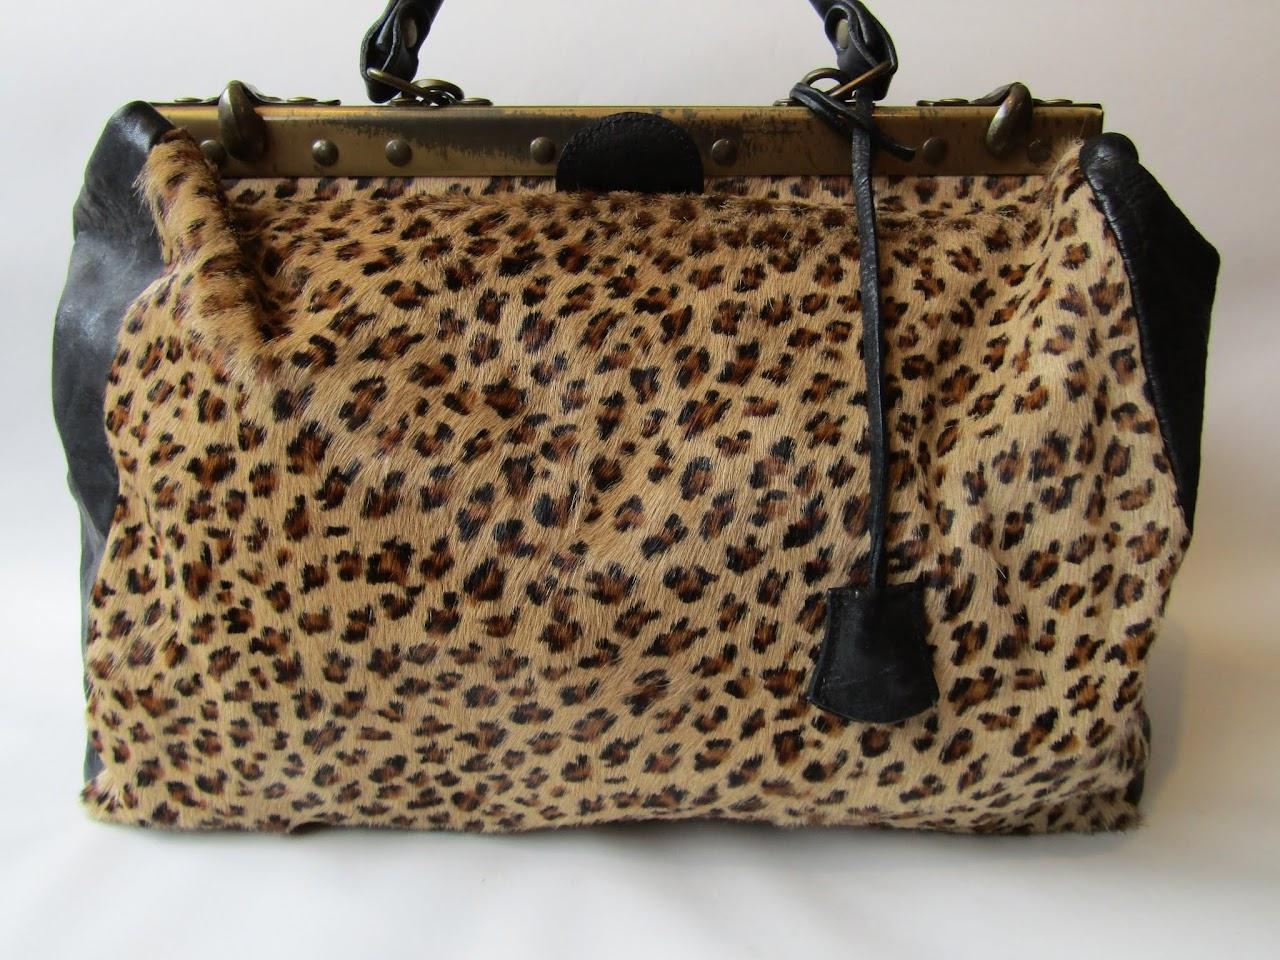 Vintage Hide and Leather Shoulder Bag